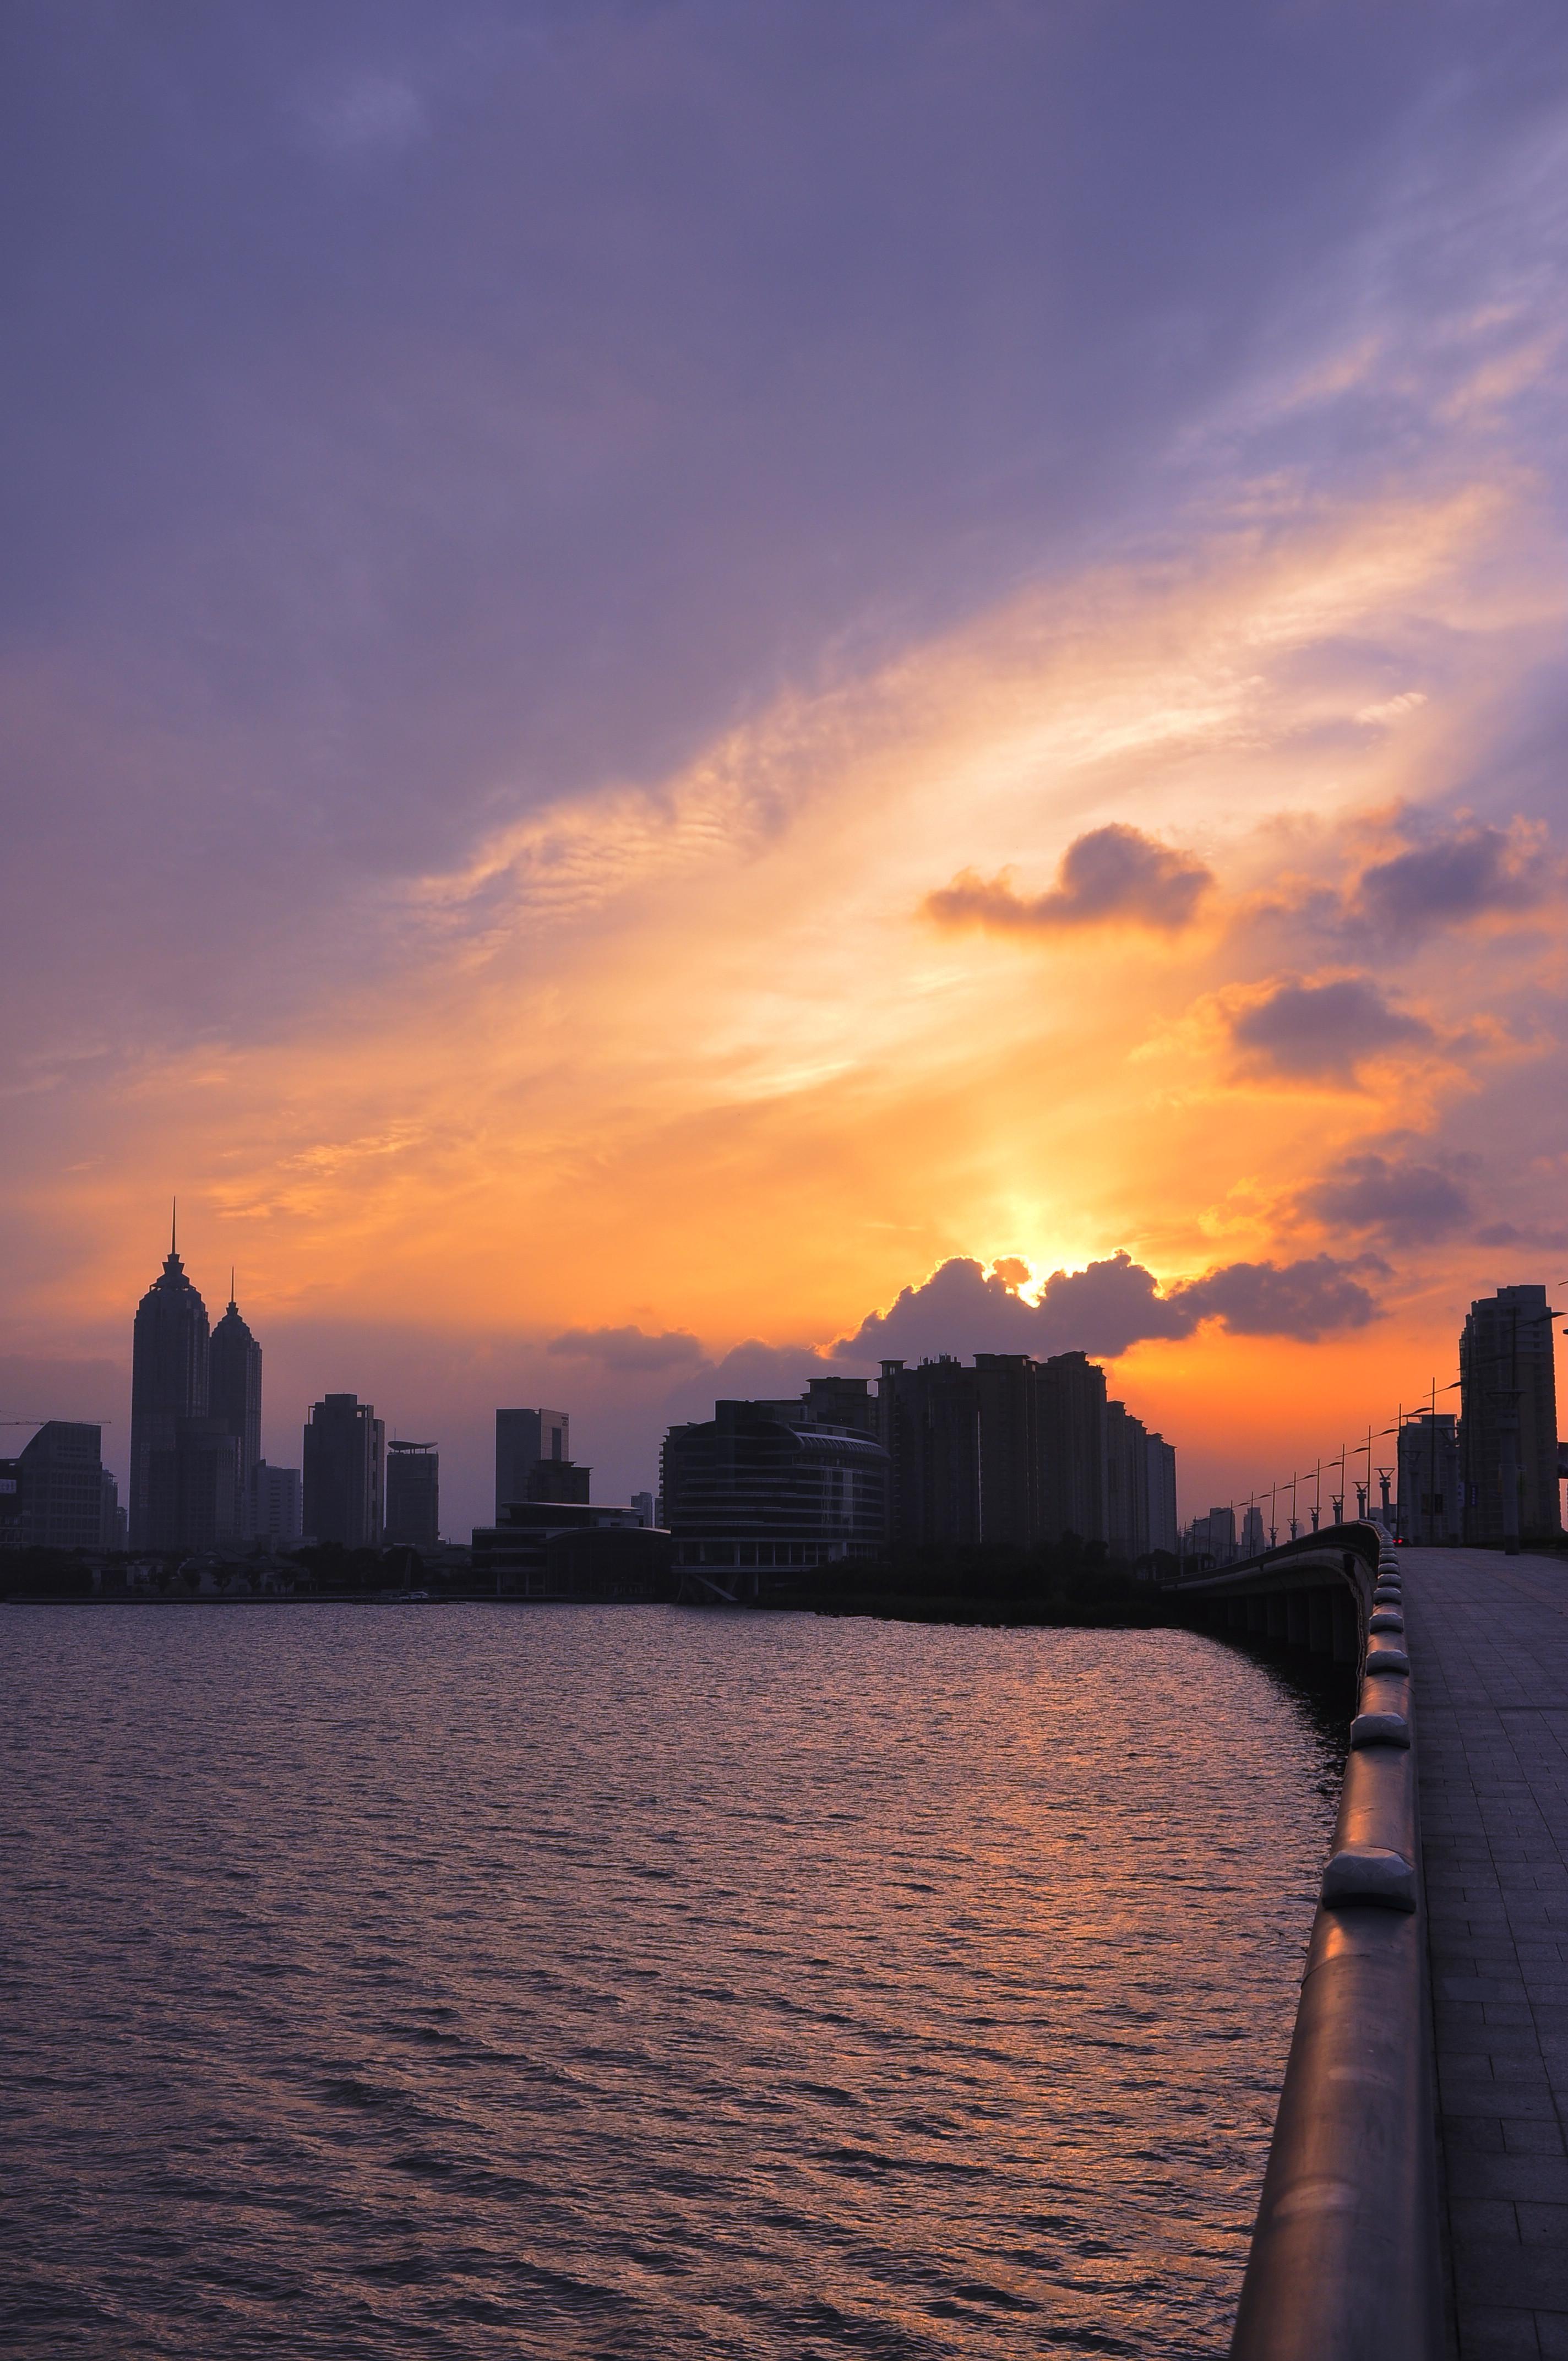 Suzhou Jiangsu China Sunrise Sunset Times